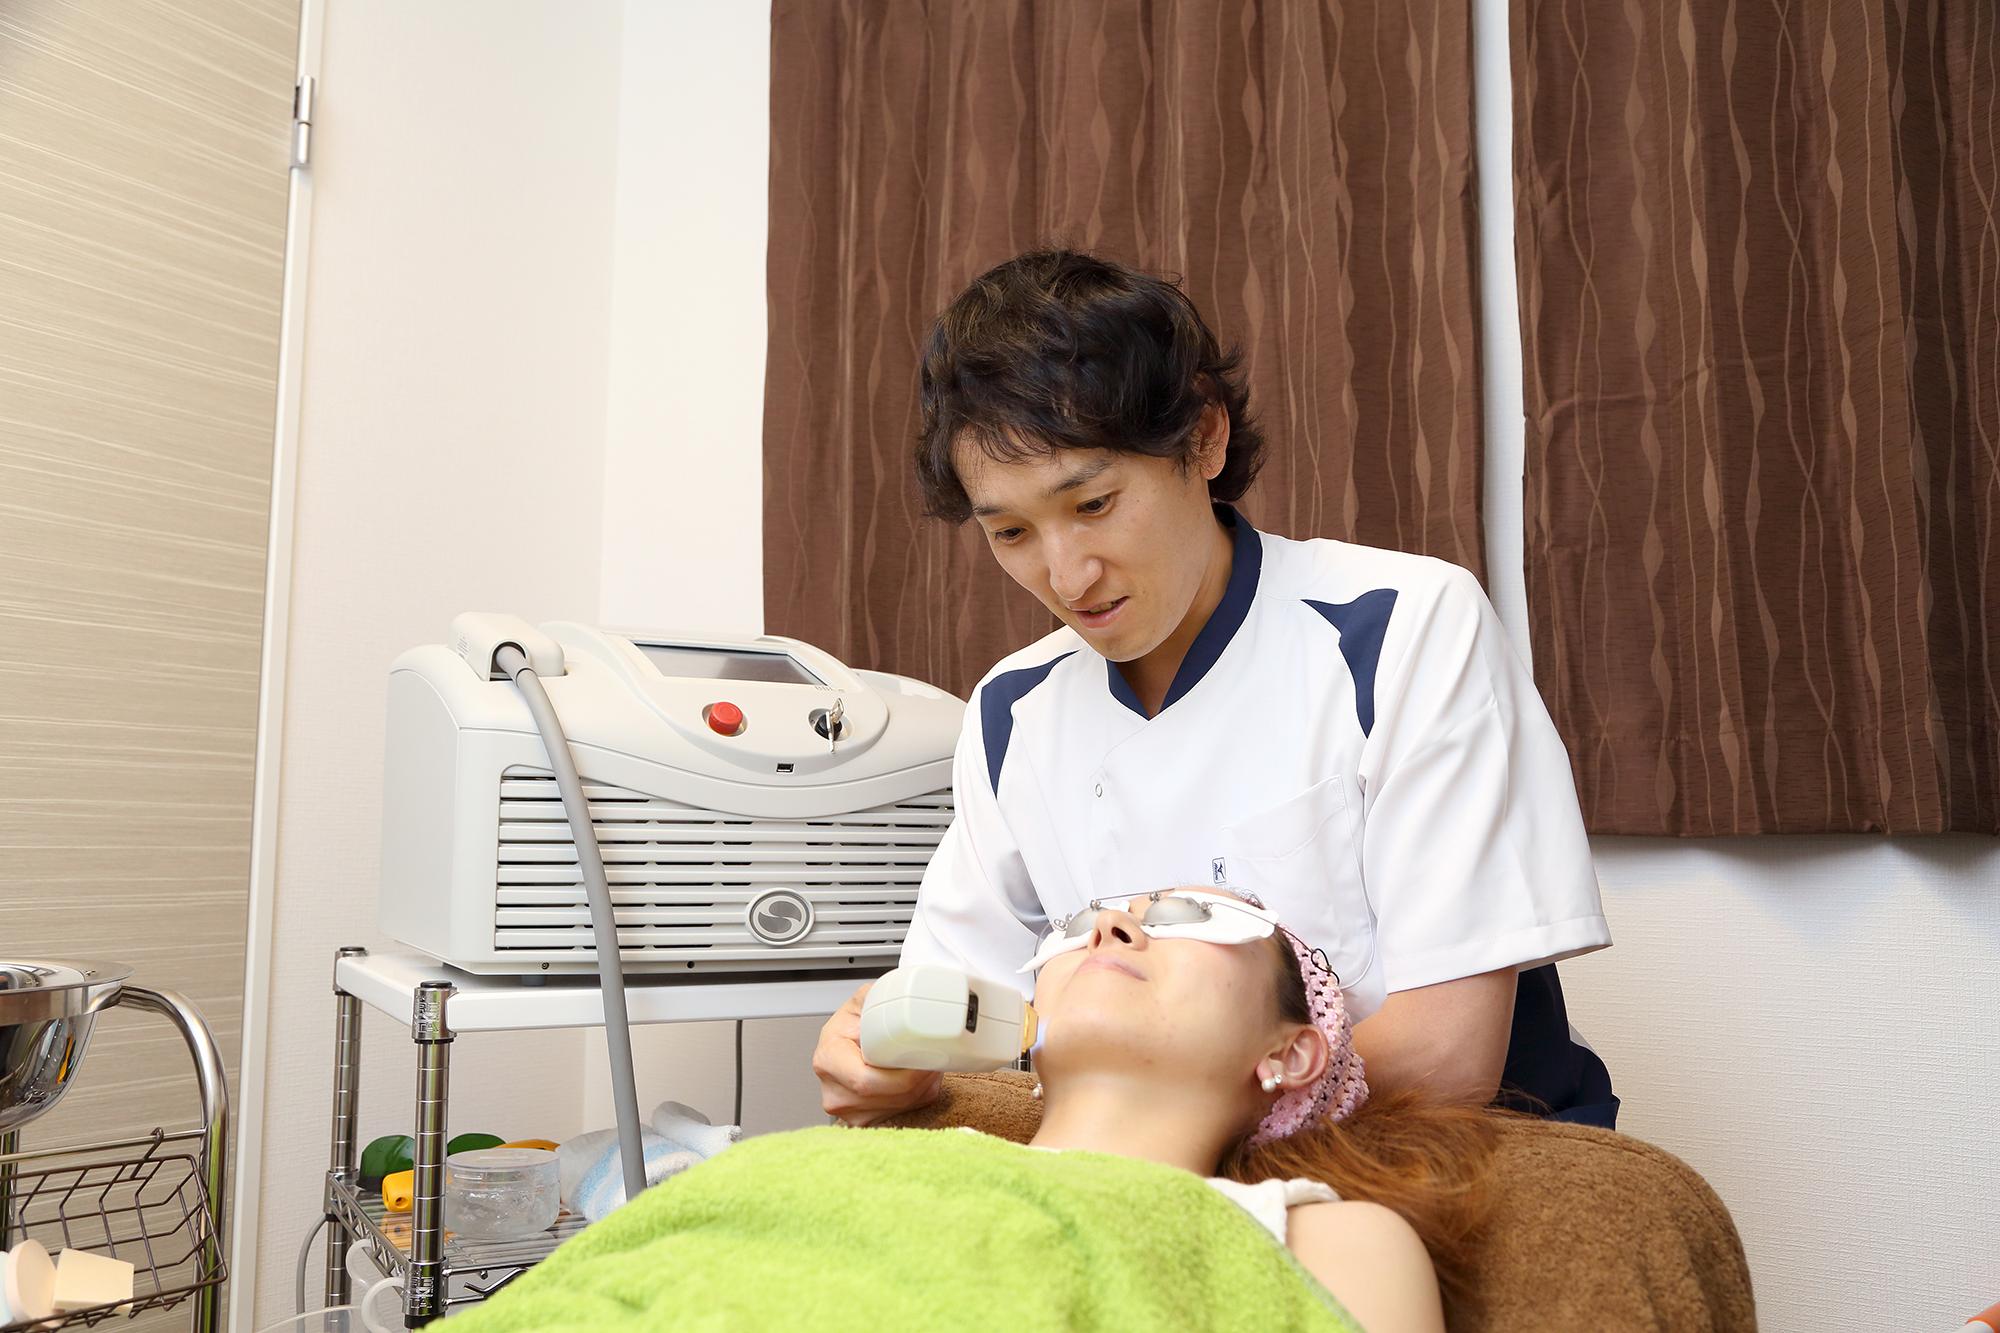 サイトン社の美容治療器を導入